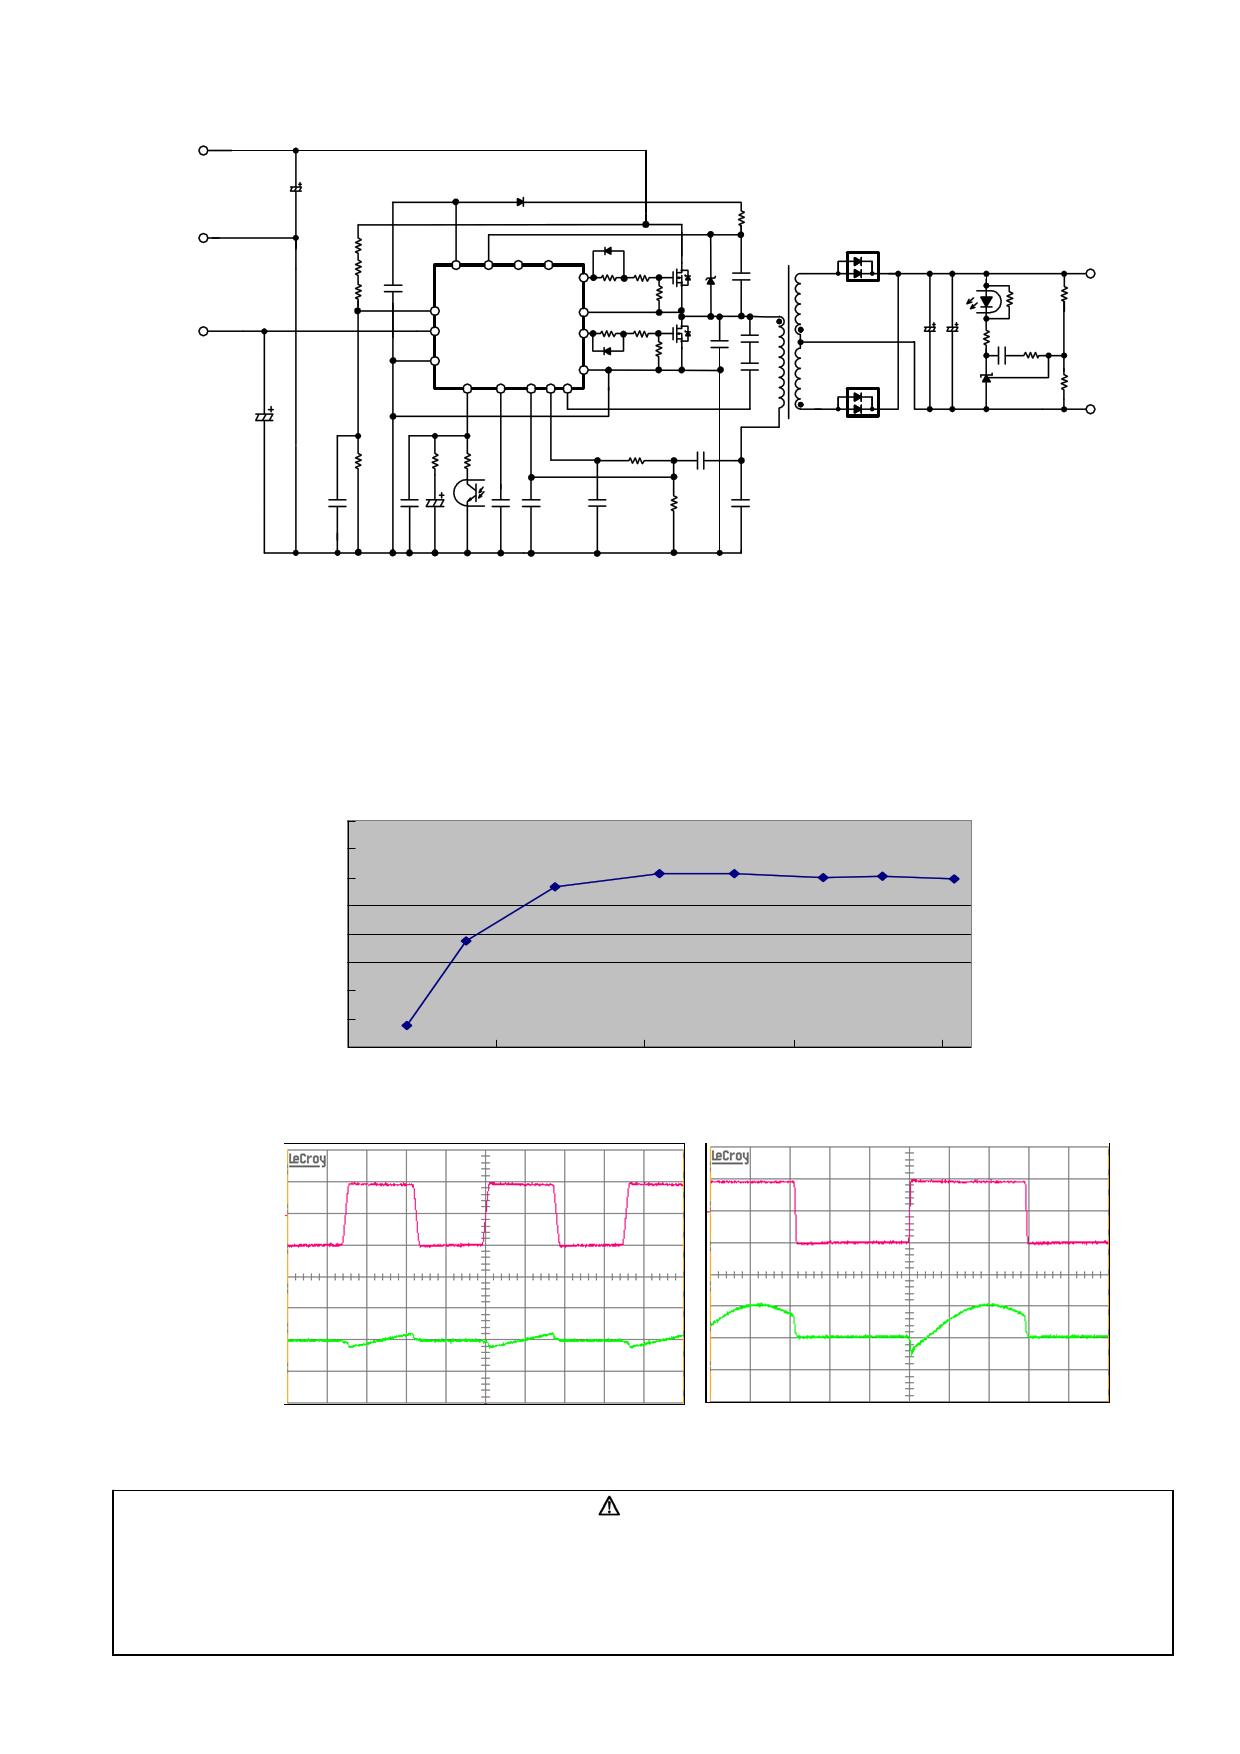 SSC9502 pdf pinout